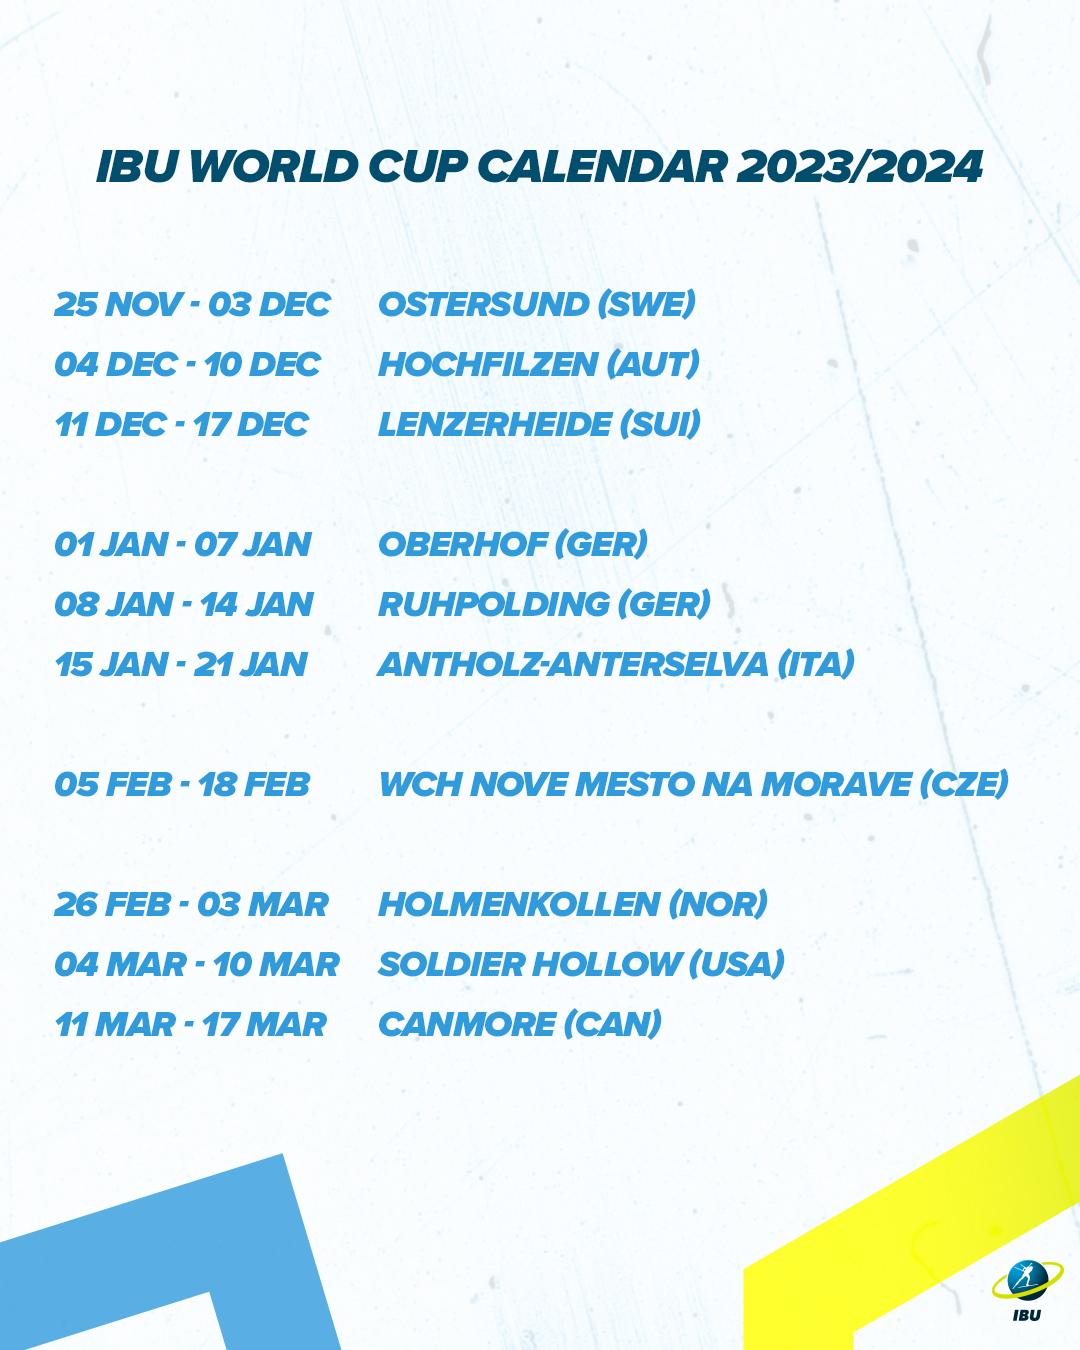 Calendrier Biathlon 2022 2023 Biathlon   Le Grand Bornand au programme en 2021, 2022, 2024 et